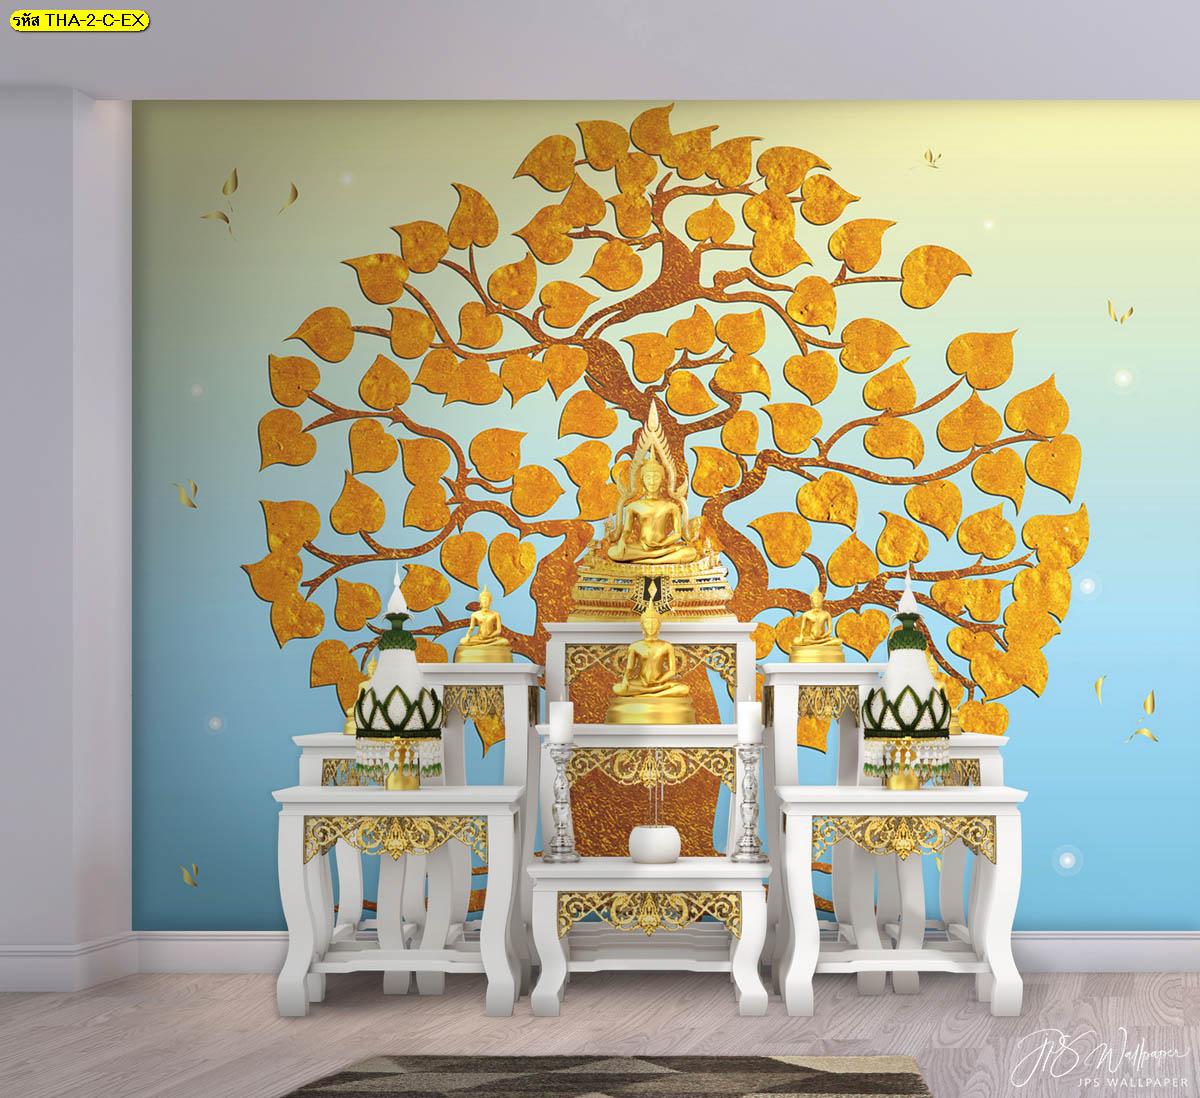 แต่งผนังห้องพระสีขาวด้วยวอลเปเปอร์สั่งพิมพ์ลายไทยต้นโพธิ์ทองพื้นสีเหลืองฟ้า